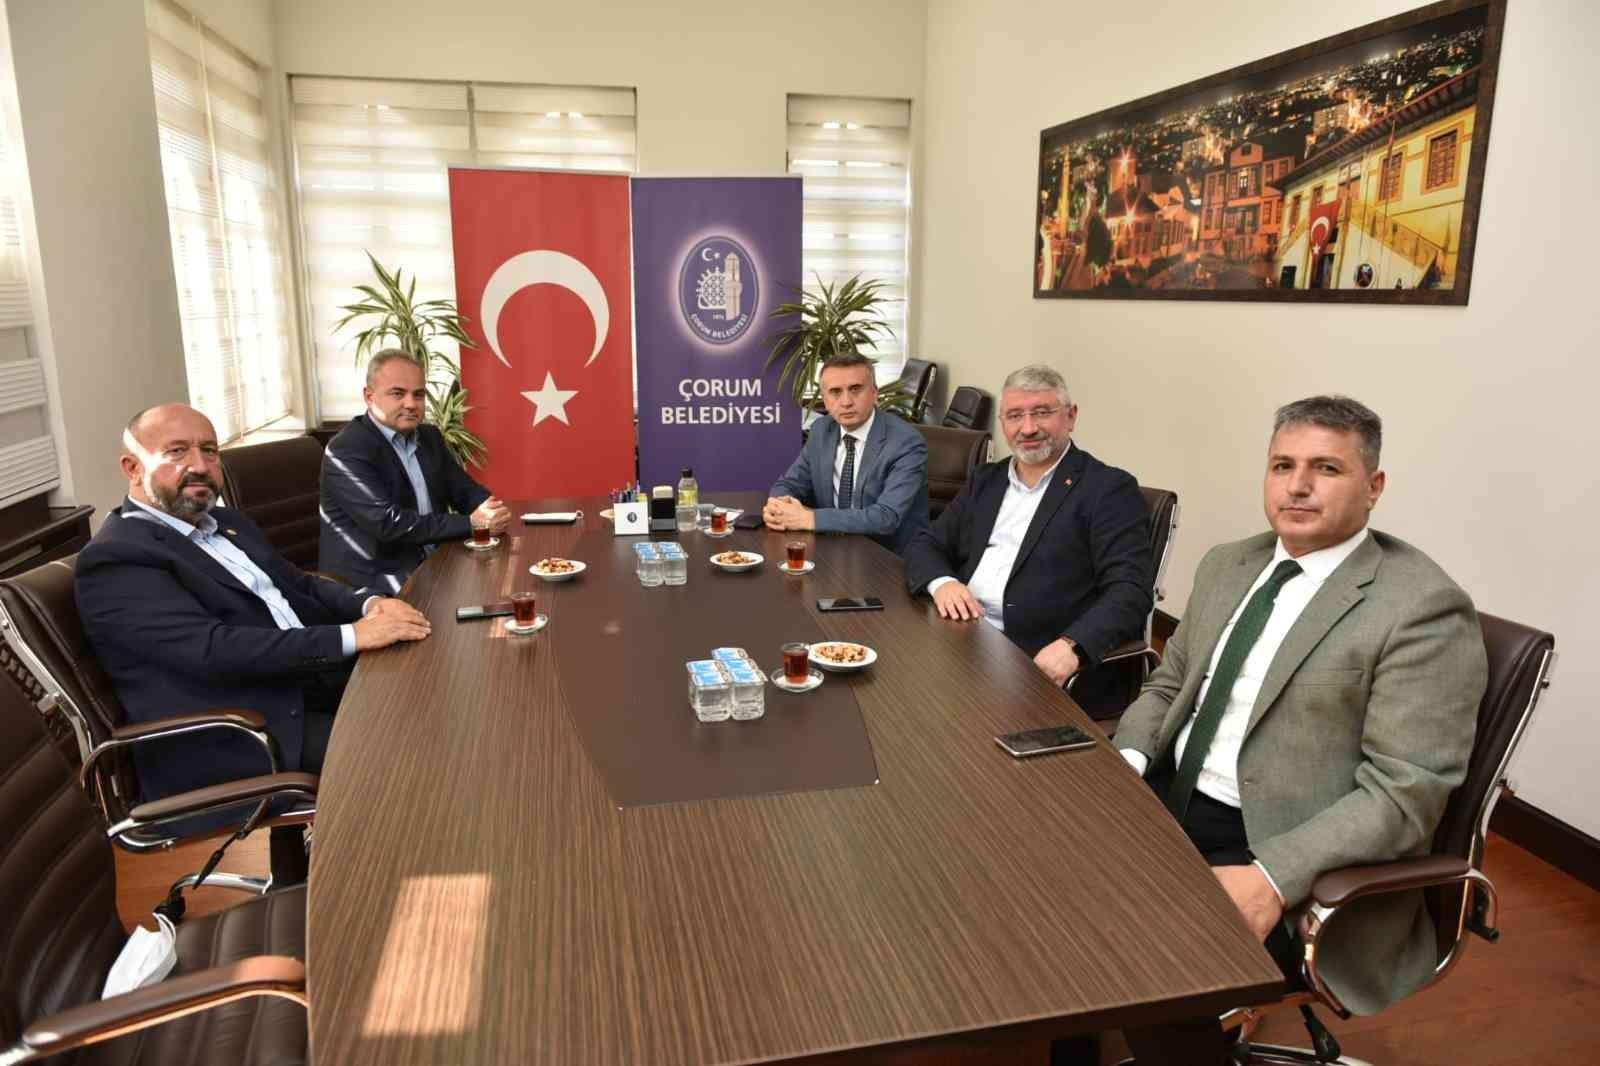 """AK Partili Kavuncu: """"Çorum Belediyesi, AK belediyecilik anlayışının en güzel örneğini sergilemektedir"""" #corum"""